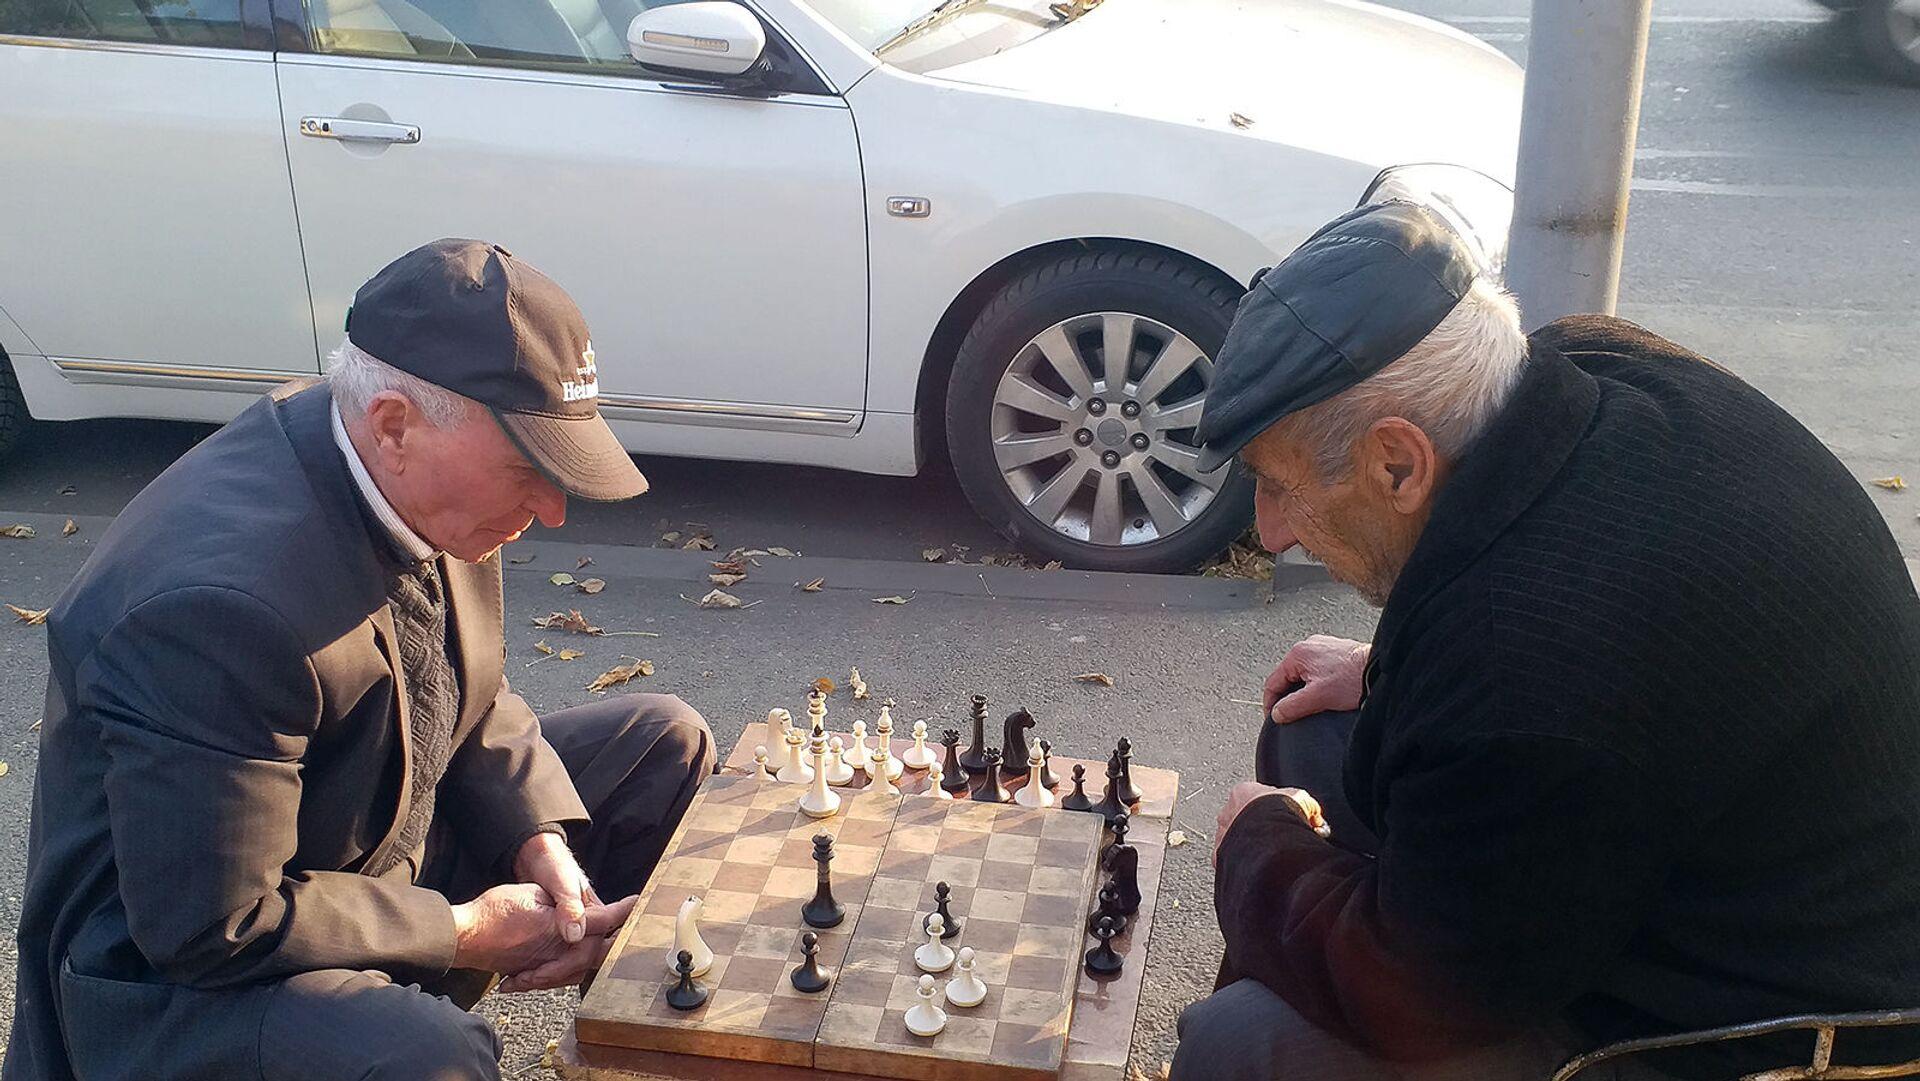 Пожилые люди играют в шахматы на одной из улиц Еревана - Sputnik Армения, 1920, 14.10.2021